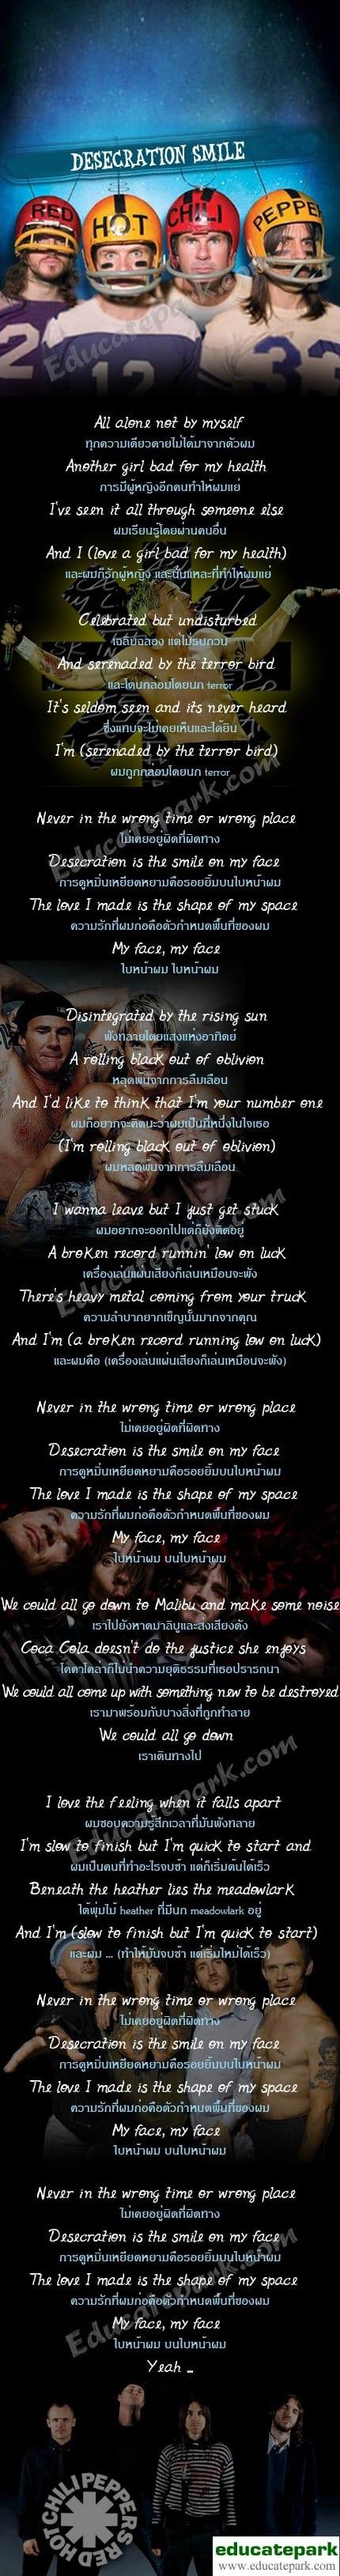 แปลเพลง Desecration Smile - Red Hot Chili Peppers